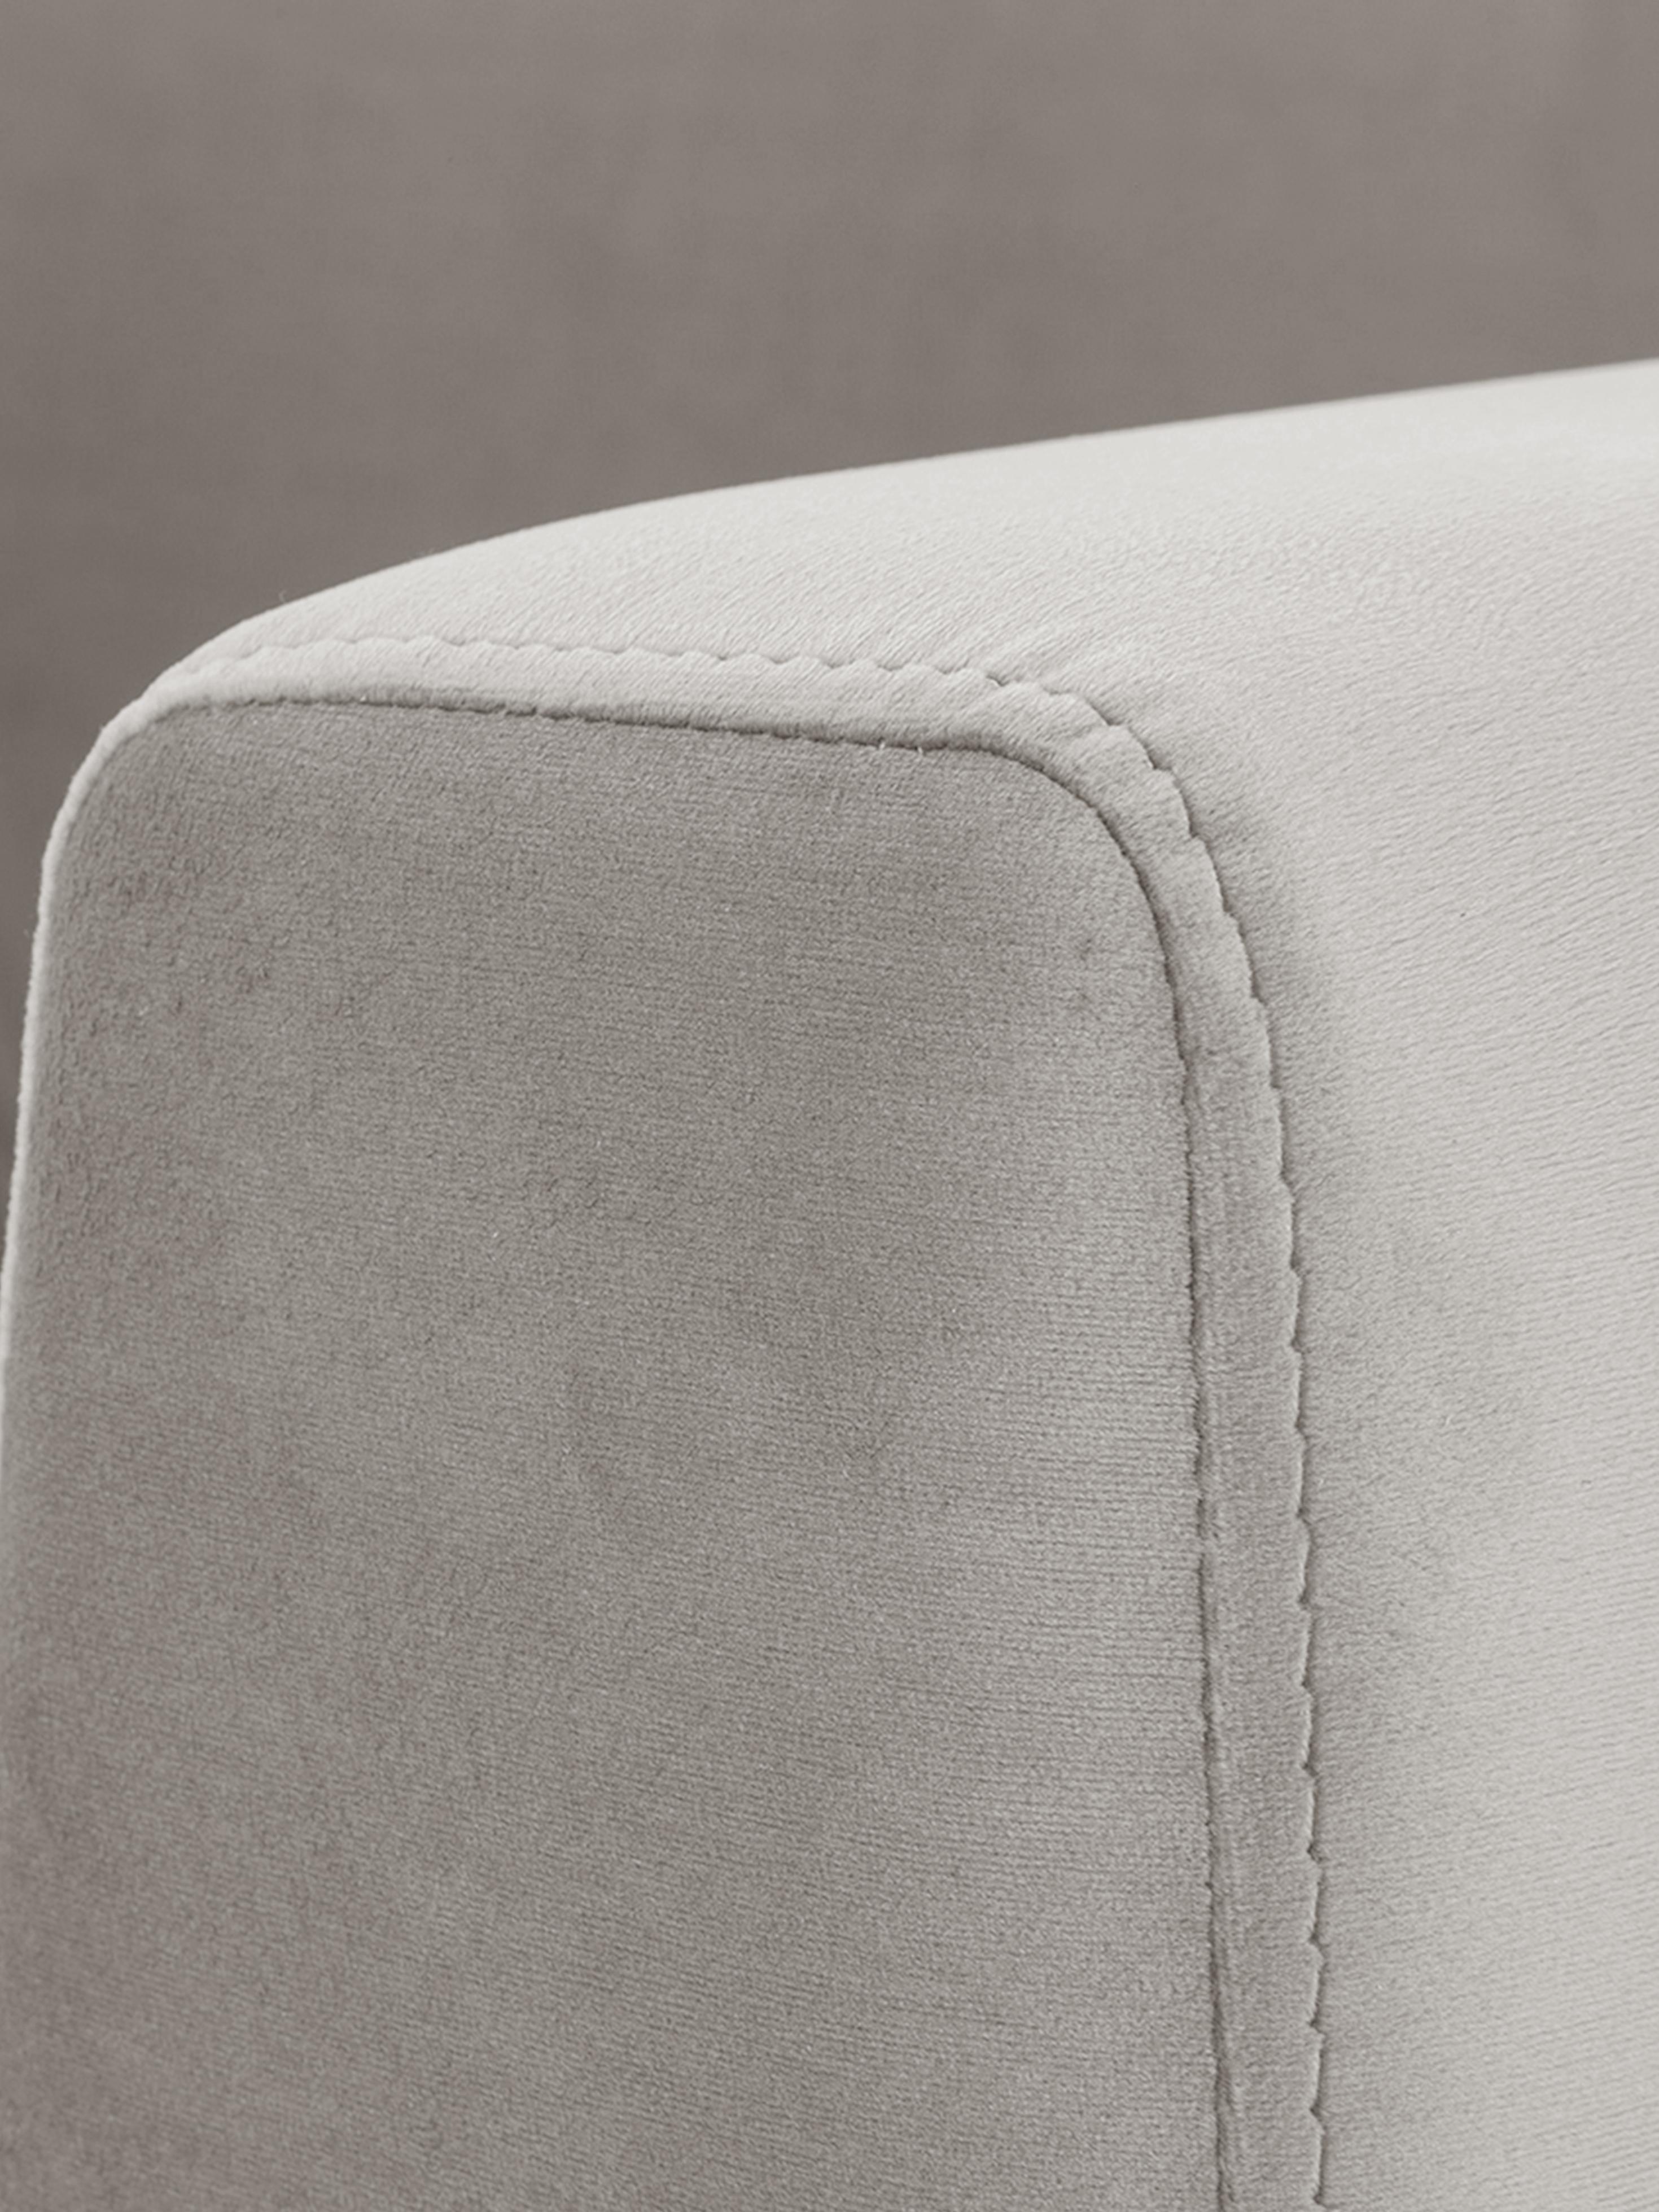 Fluwelen hoekbank Luna, Bekleding: fluweel (polyester), Frame: massief beukenhout, Poten: gegalvaniseerd metaal, Fluweel beige, goudkleurig, B 280 x D 184 cm